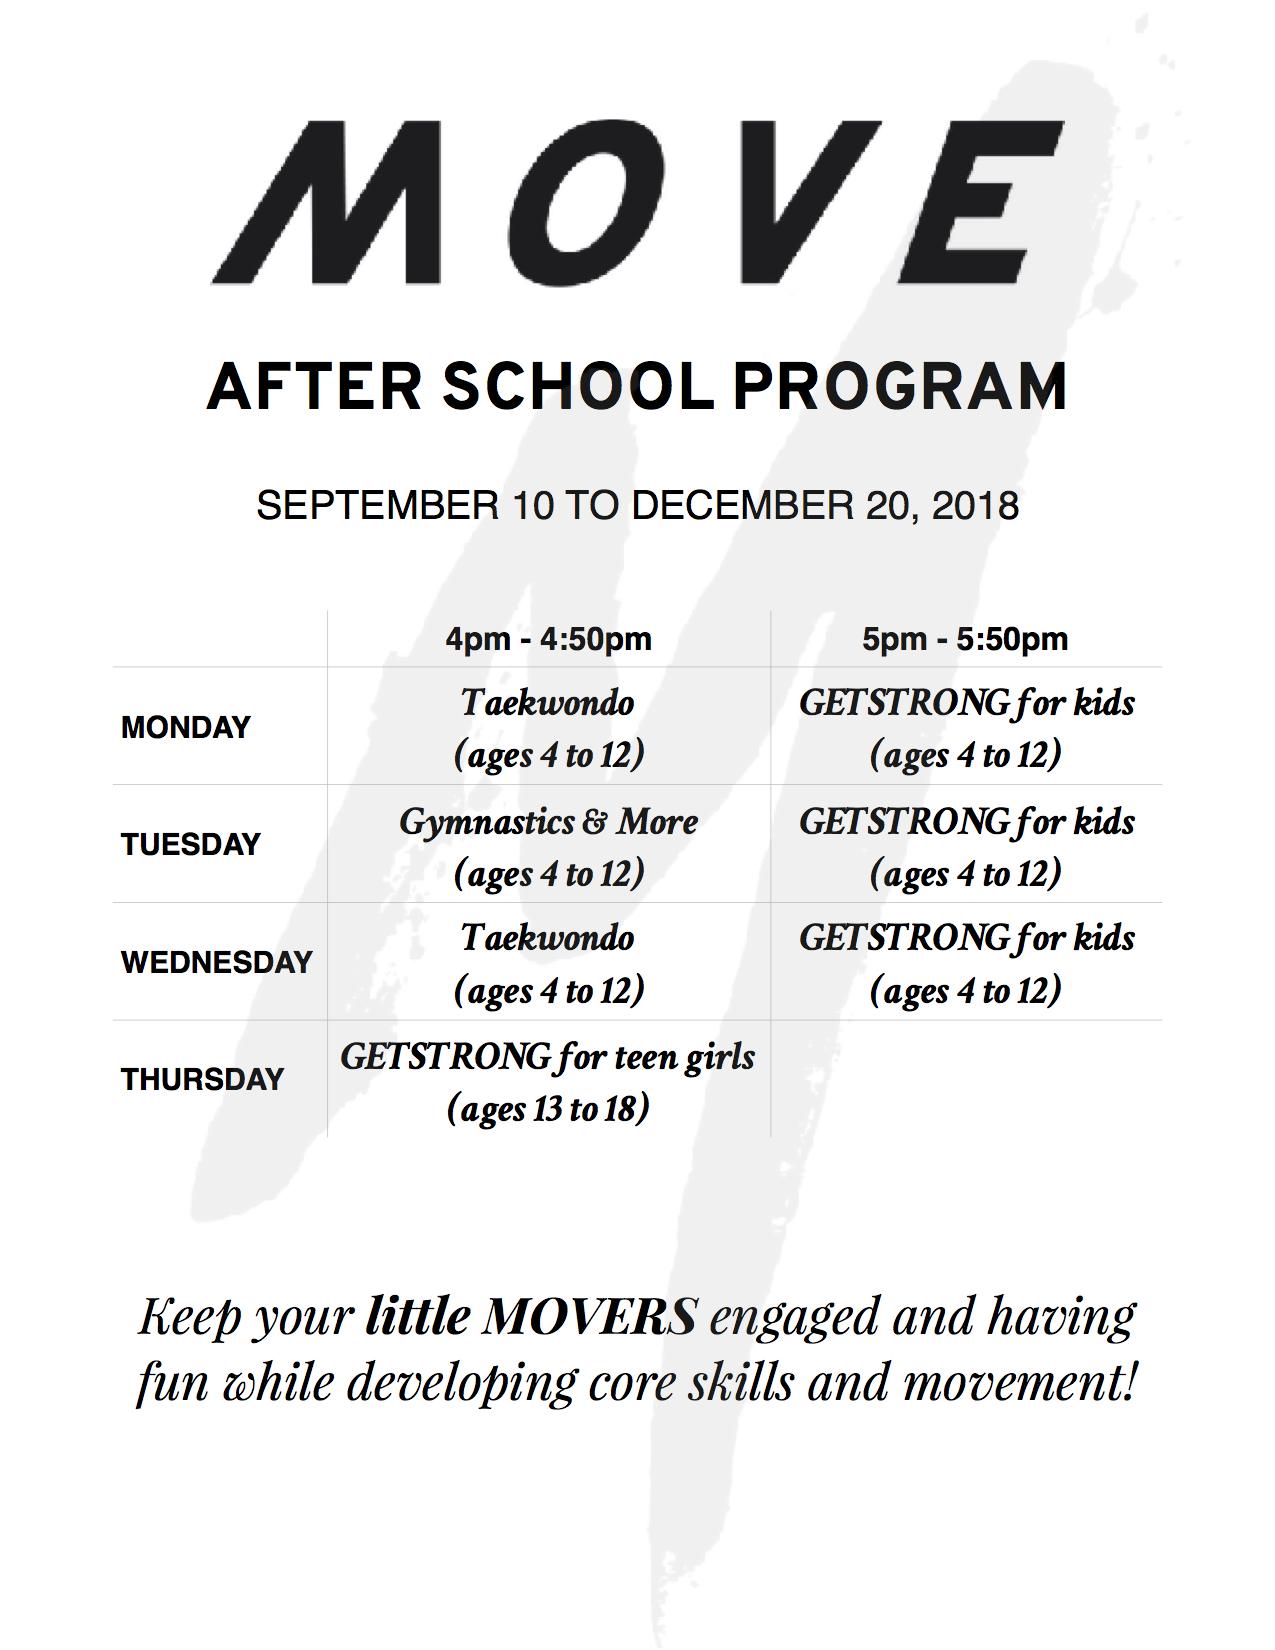 MOVE_afterschool_program_schedule.jpg